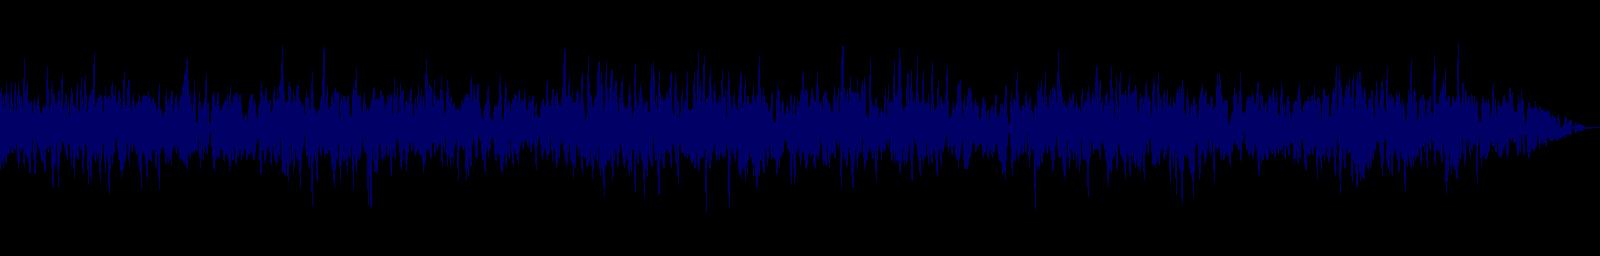 waveform of track #181518